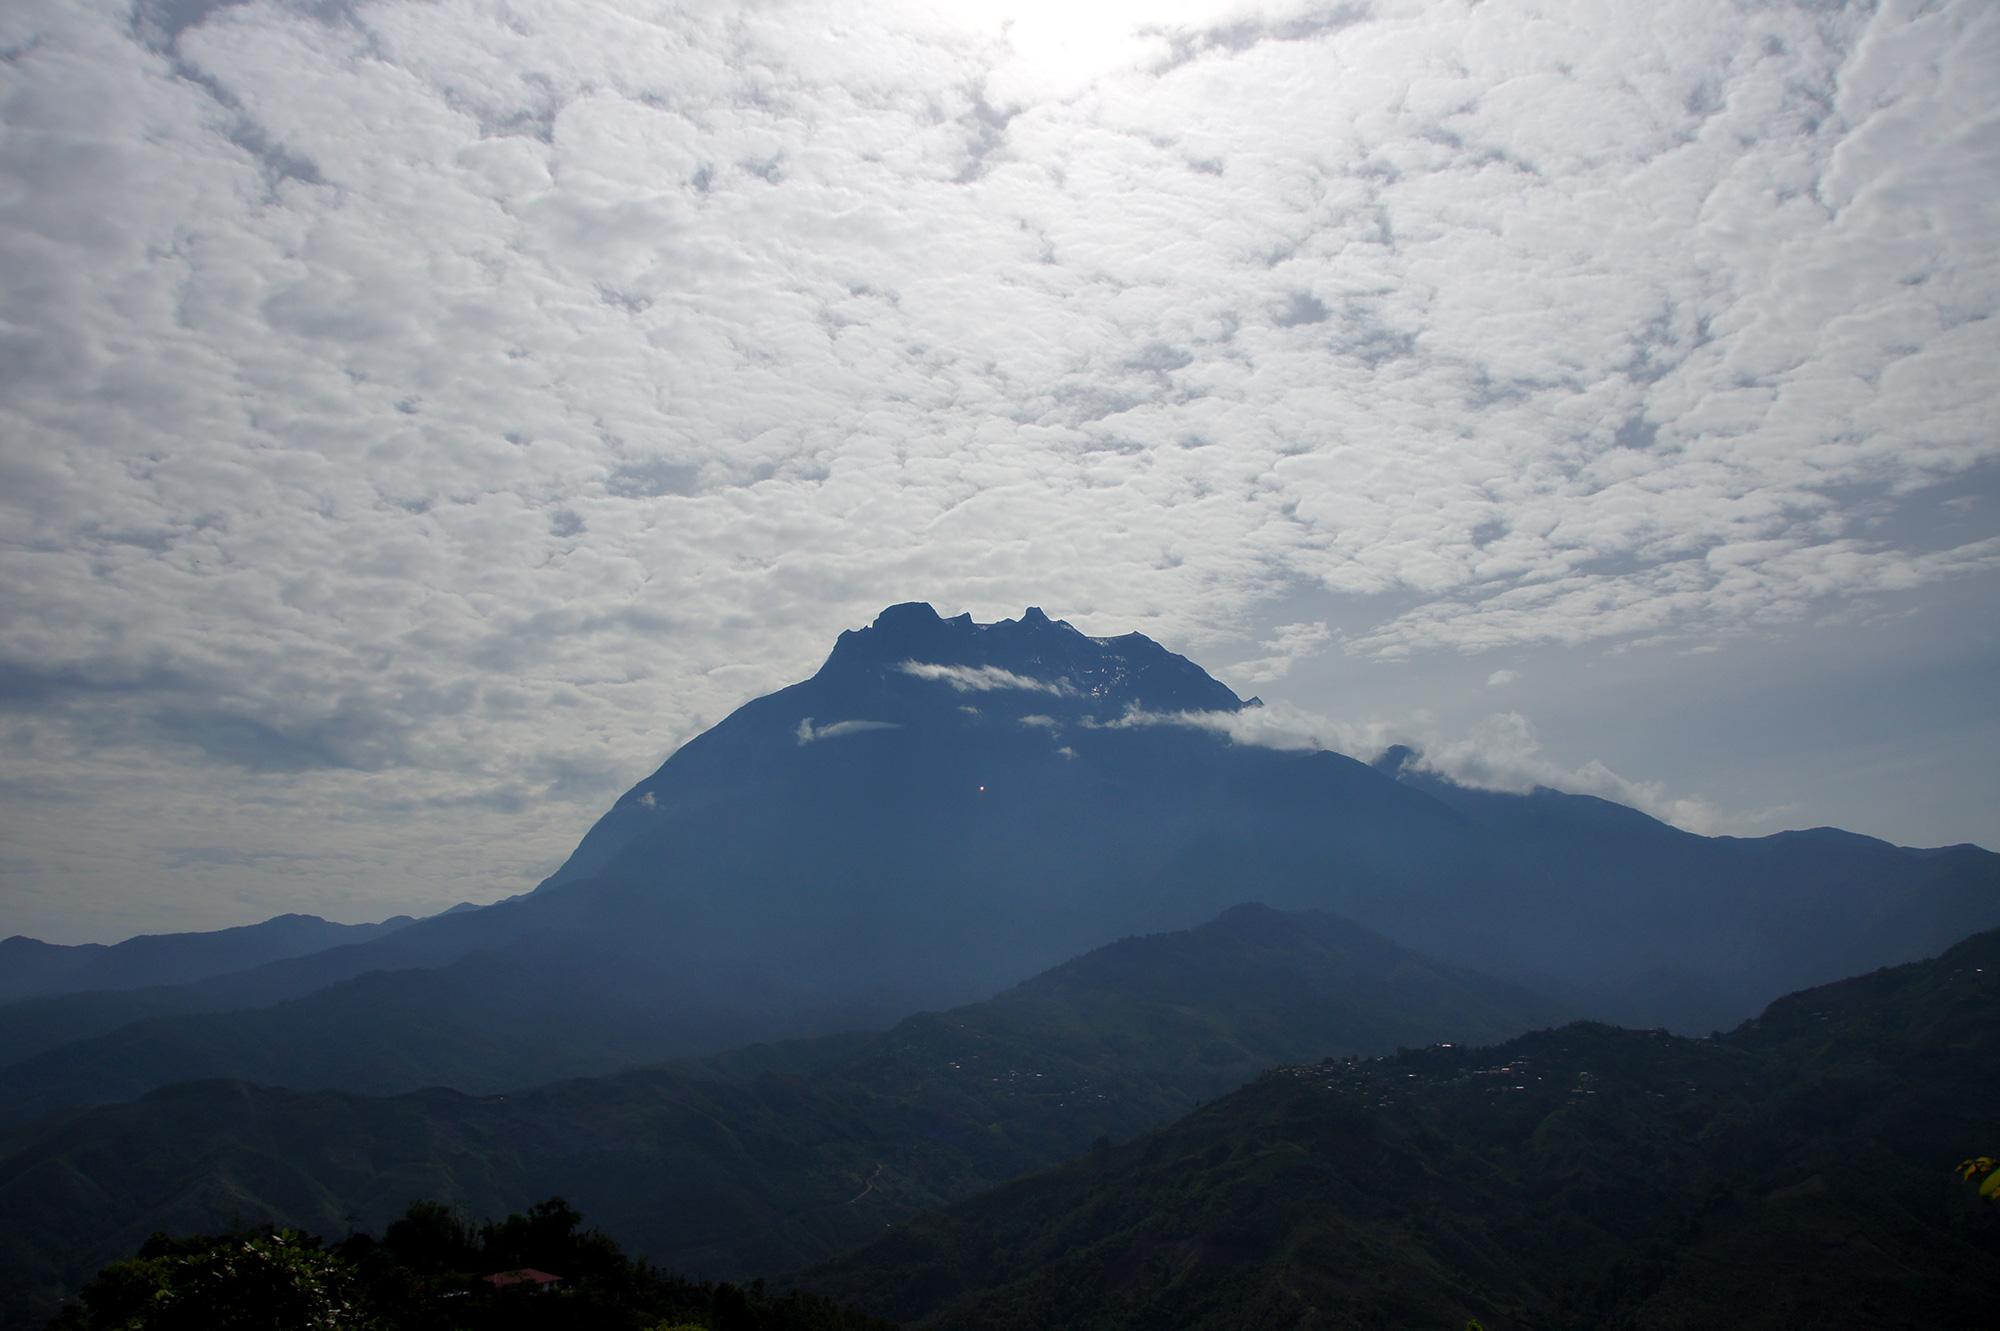 キナバル山のフリー写真素材